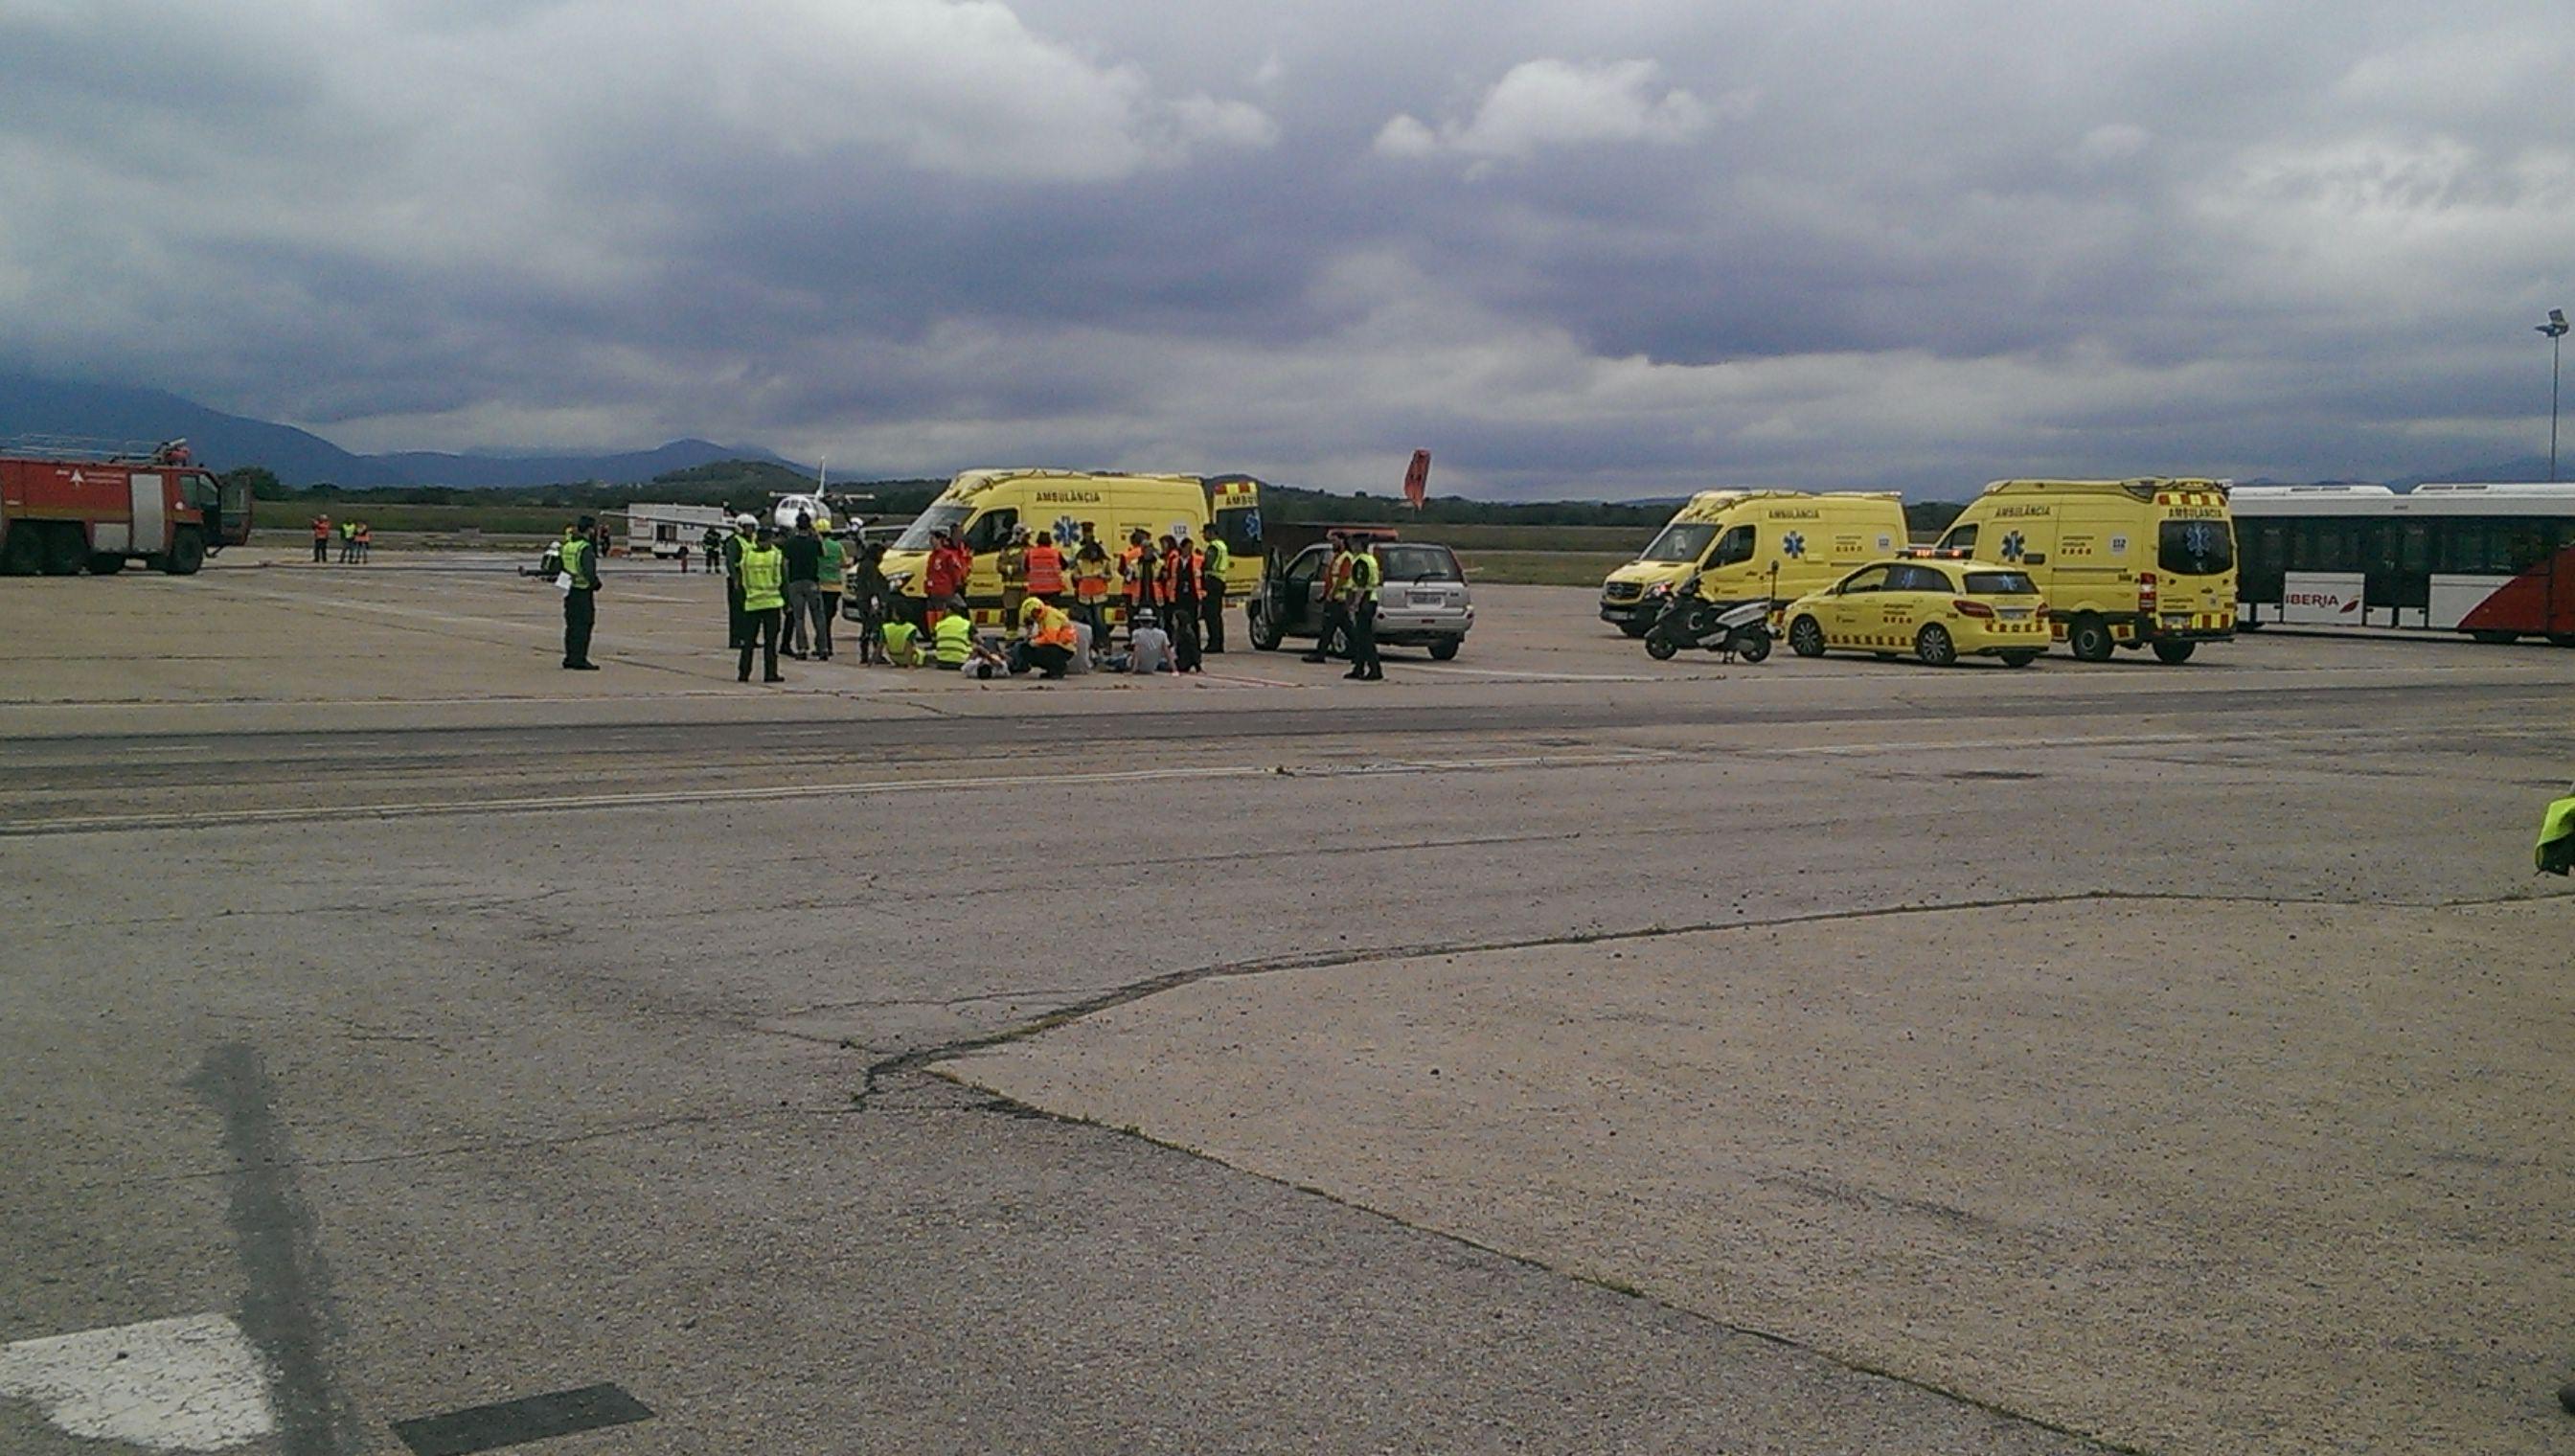 Els alumnes de 2n curs del cicle de TES participen com a figurants en el simulacre a l'aeroport de Girona d'un accident aeri amb múltiples víctimes